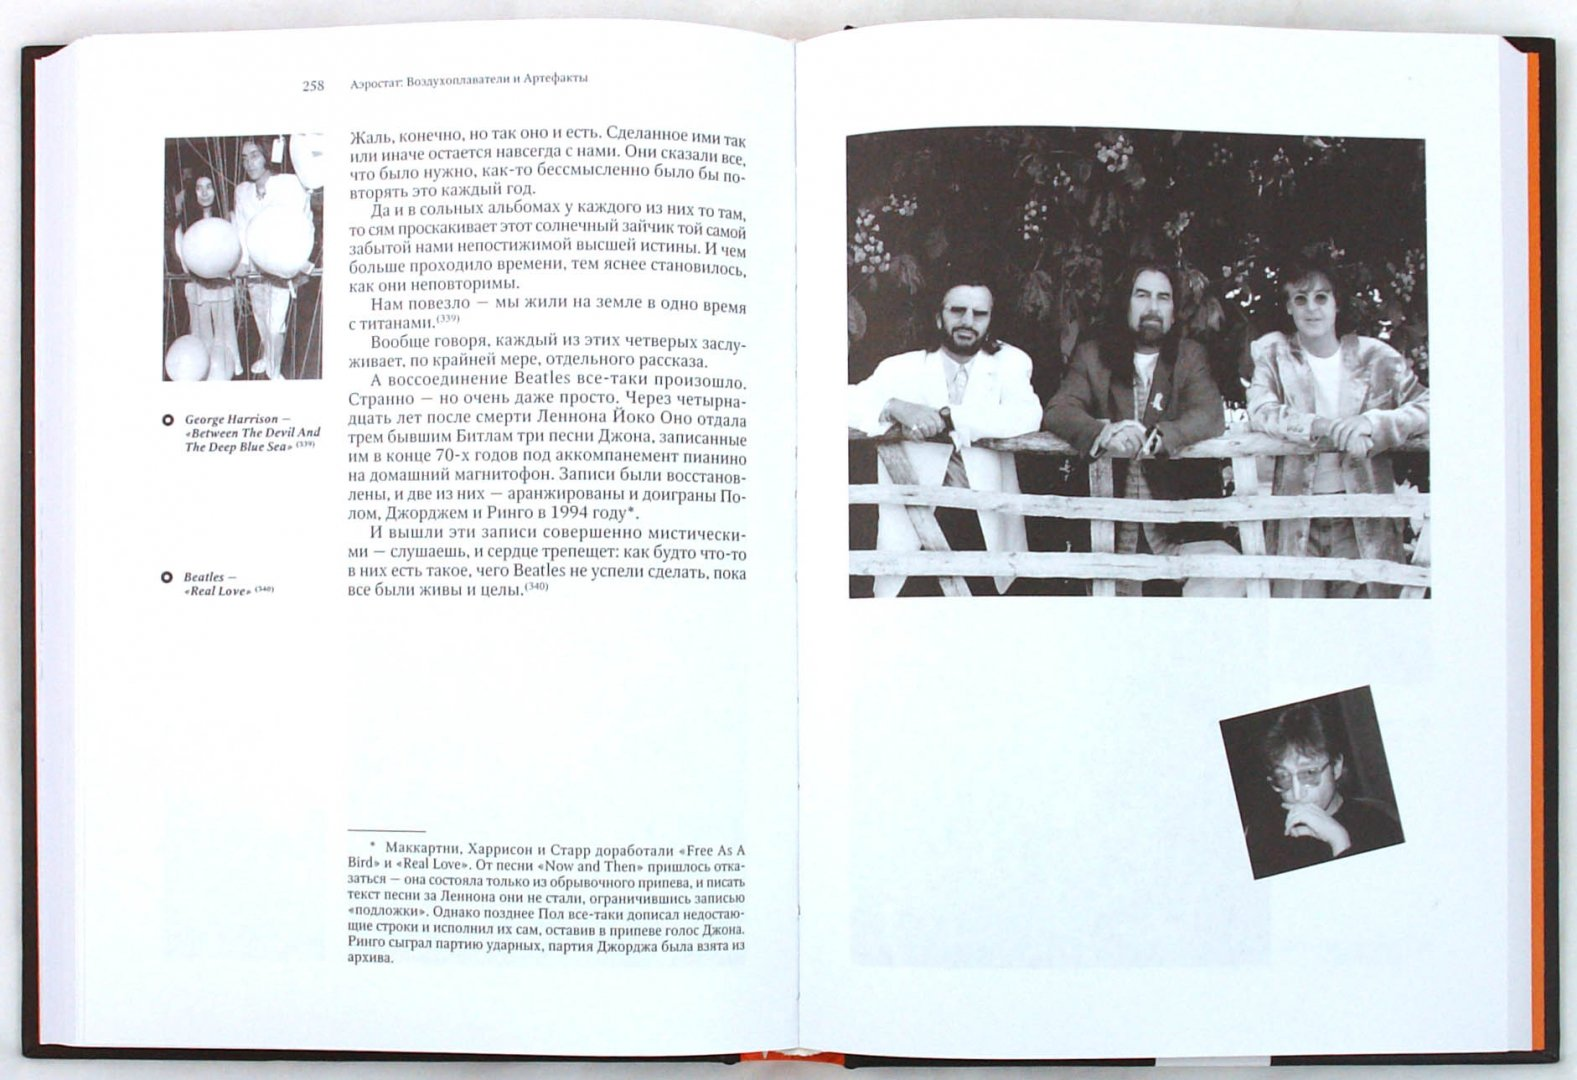 Иллюстрация 1 из 2 для Аэростат: Воздухоплаватели и Артефакты - Борис Гребенщиков   Лабиринт - книги. Источник: Лабиринт